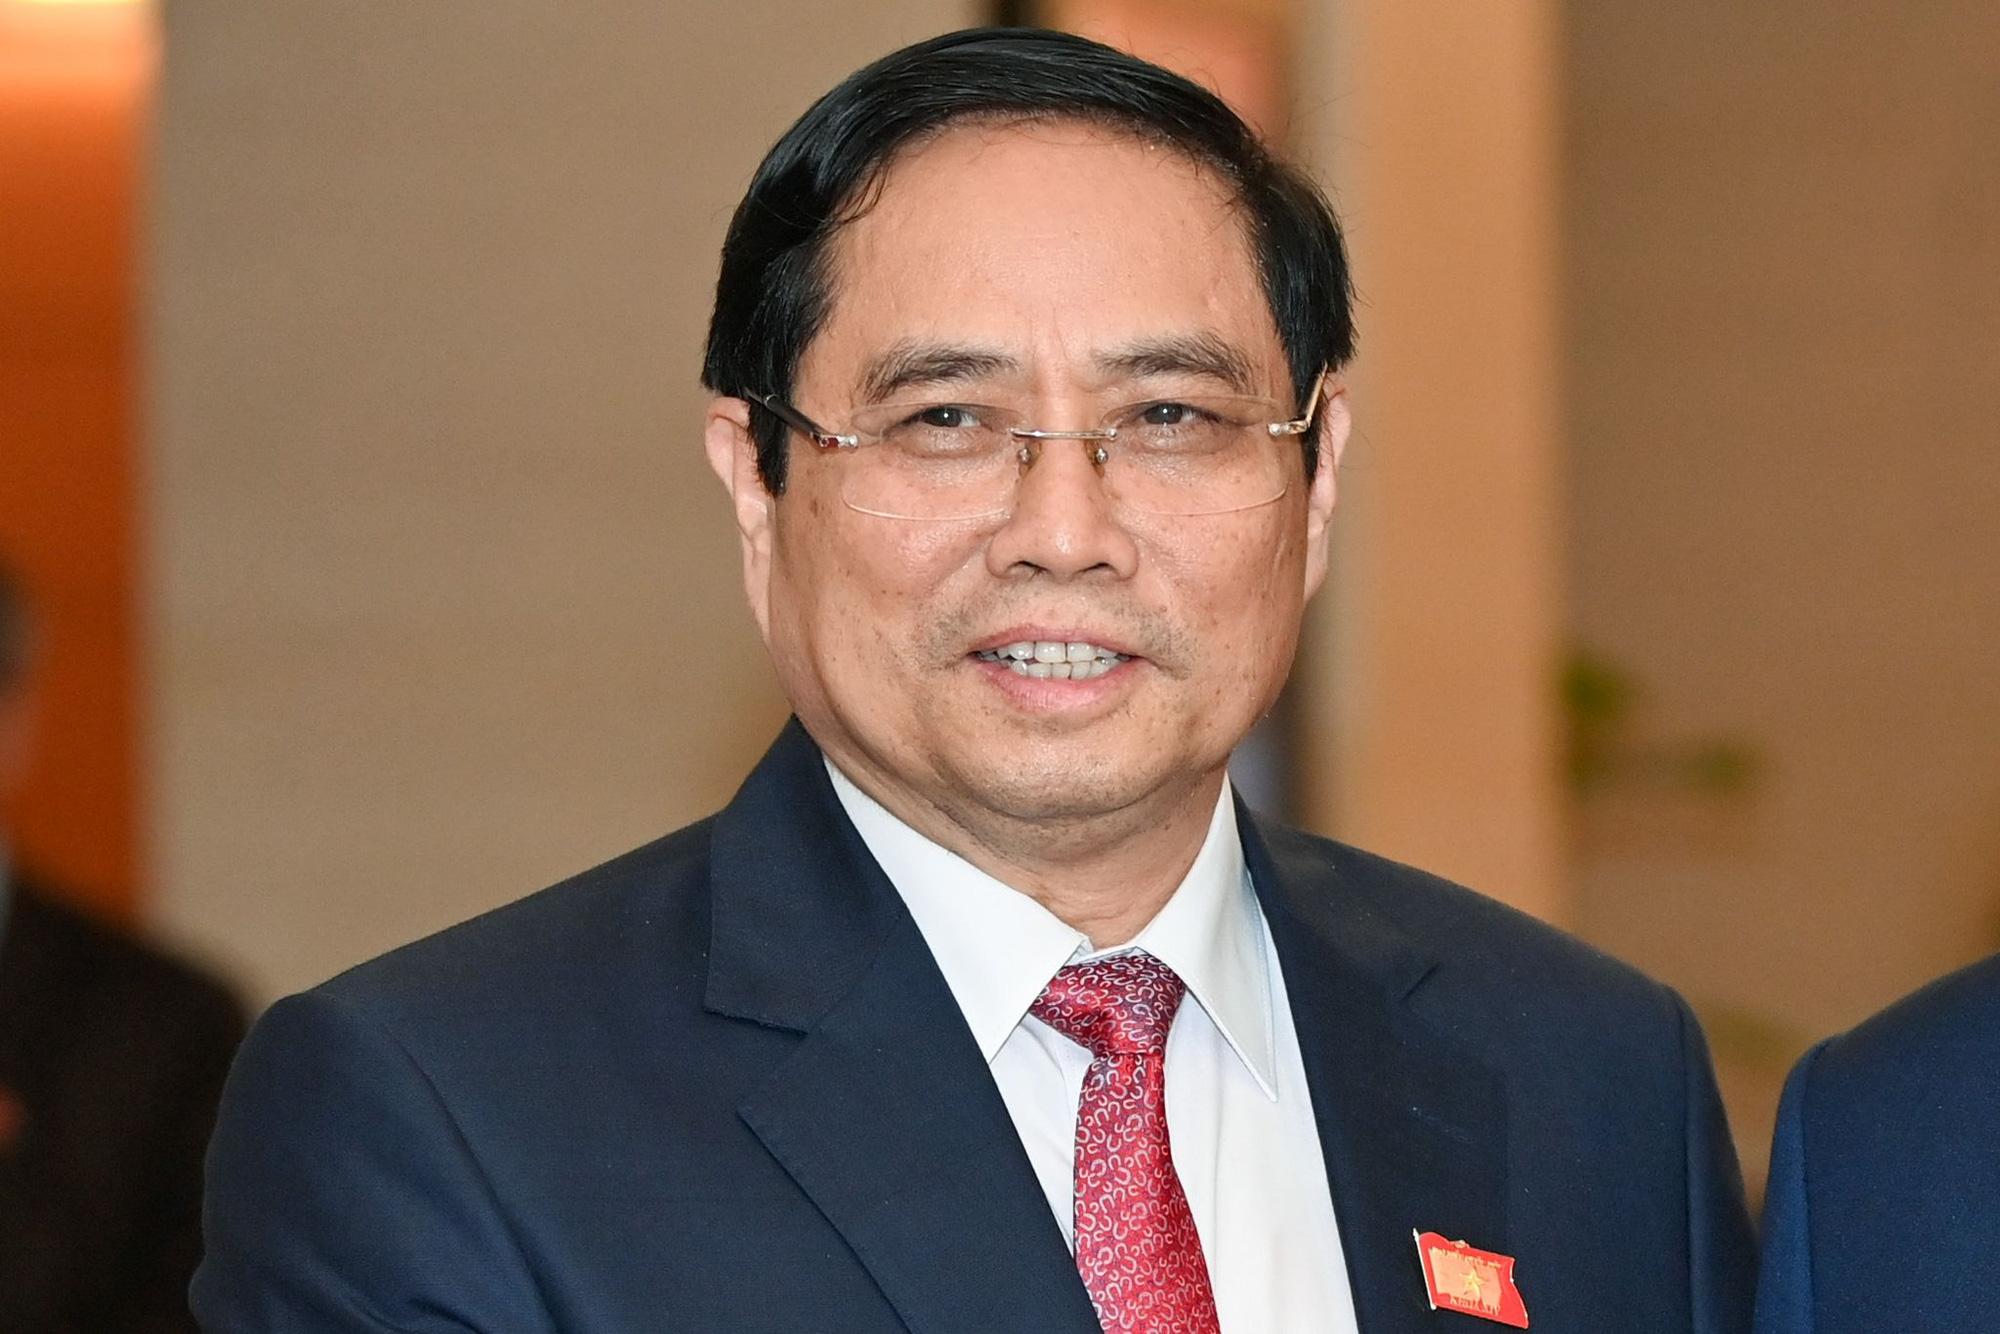 Trưởng Ban Tổ chức T.Ư Phạm Minh Chính tuyên thệ nhậm chức Thủ tướng Chính phủ - Ảnh 1.